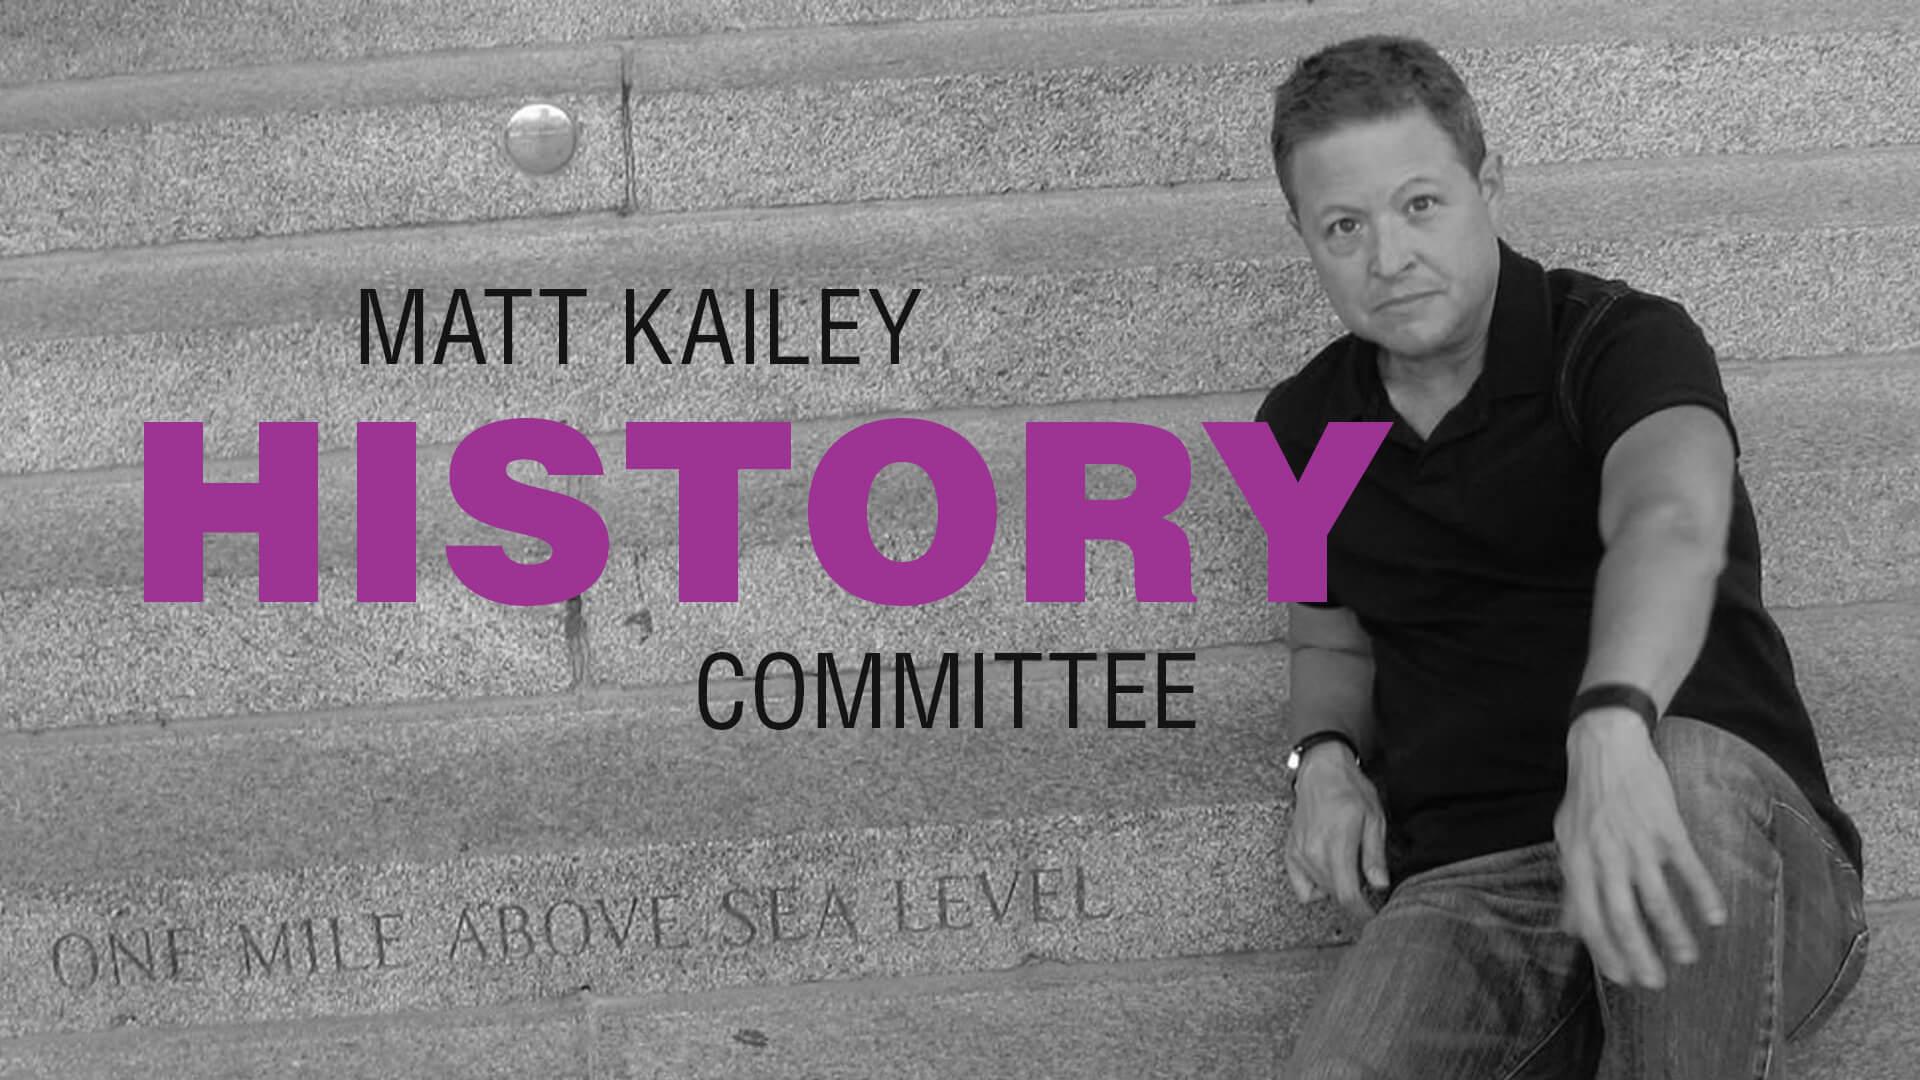 Matt Kailey History Committee